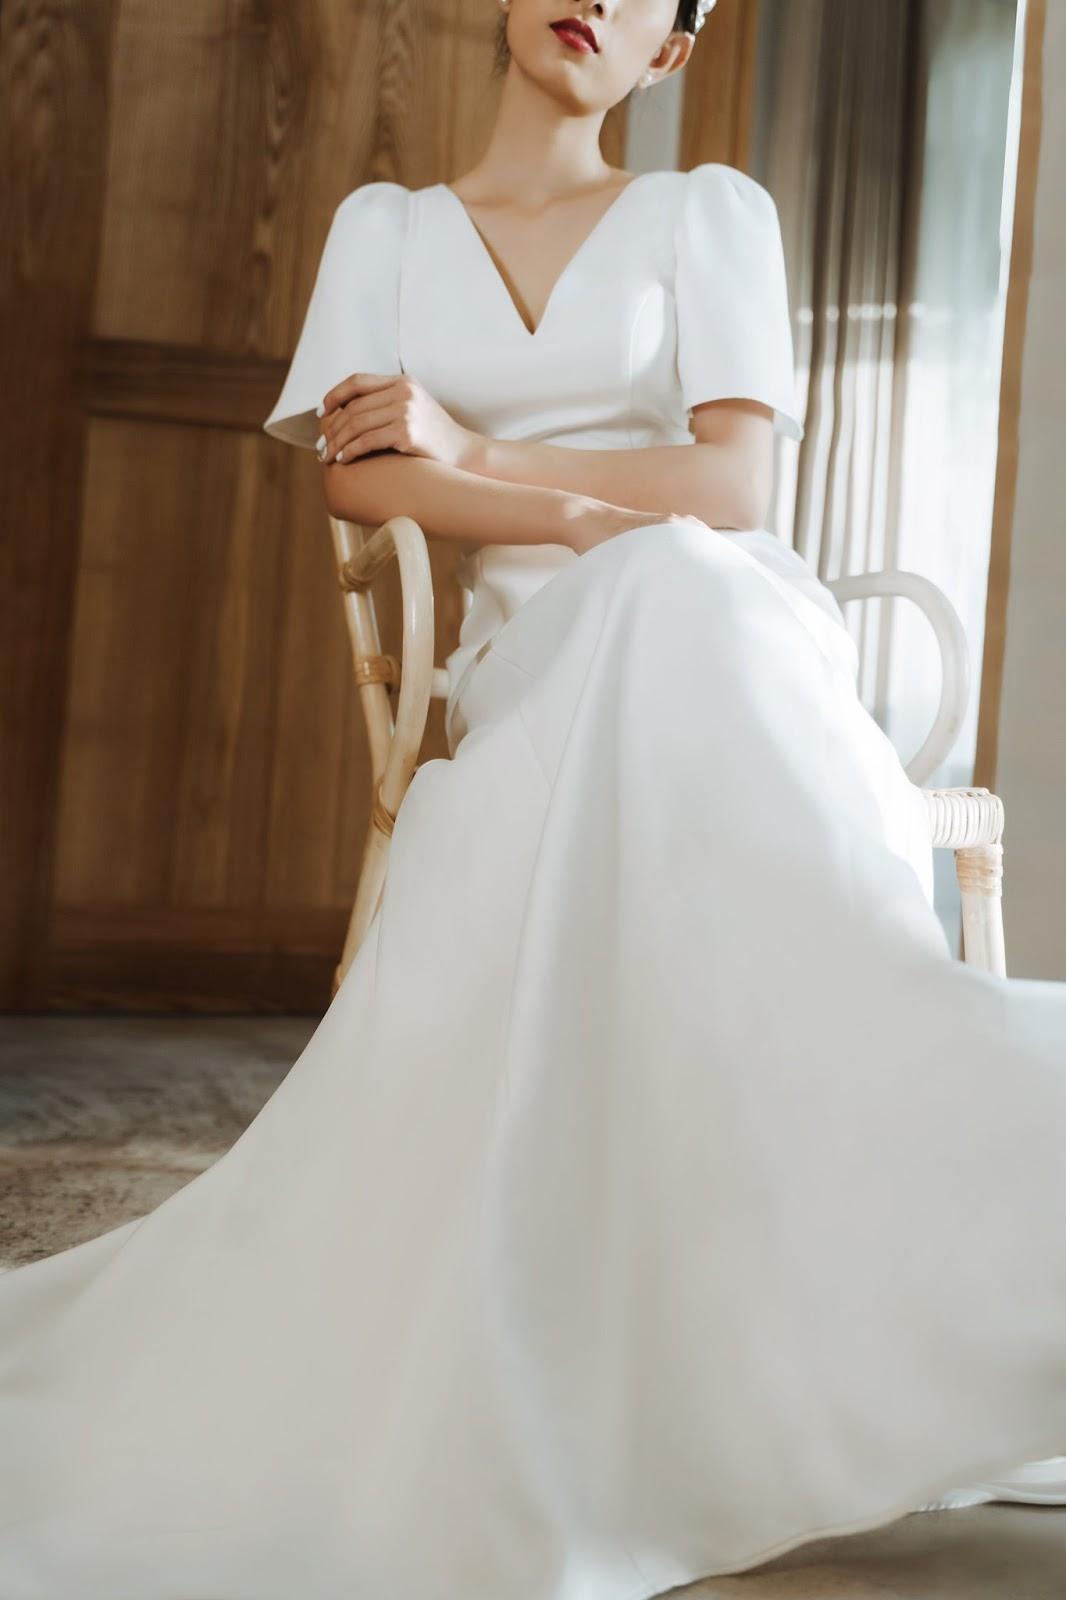 Váy cưới kín đáo ngày càng được yêu thích